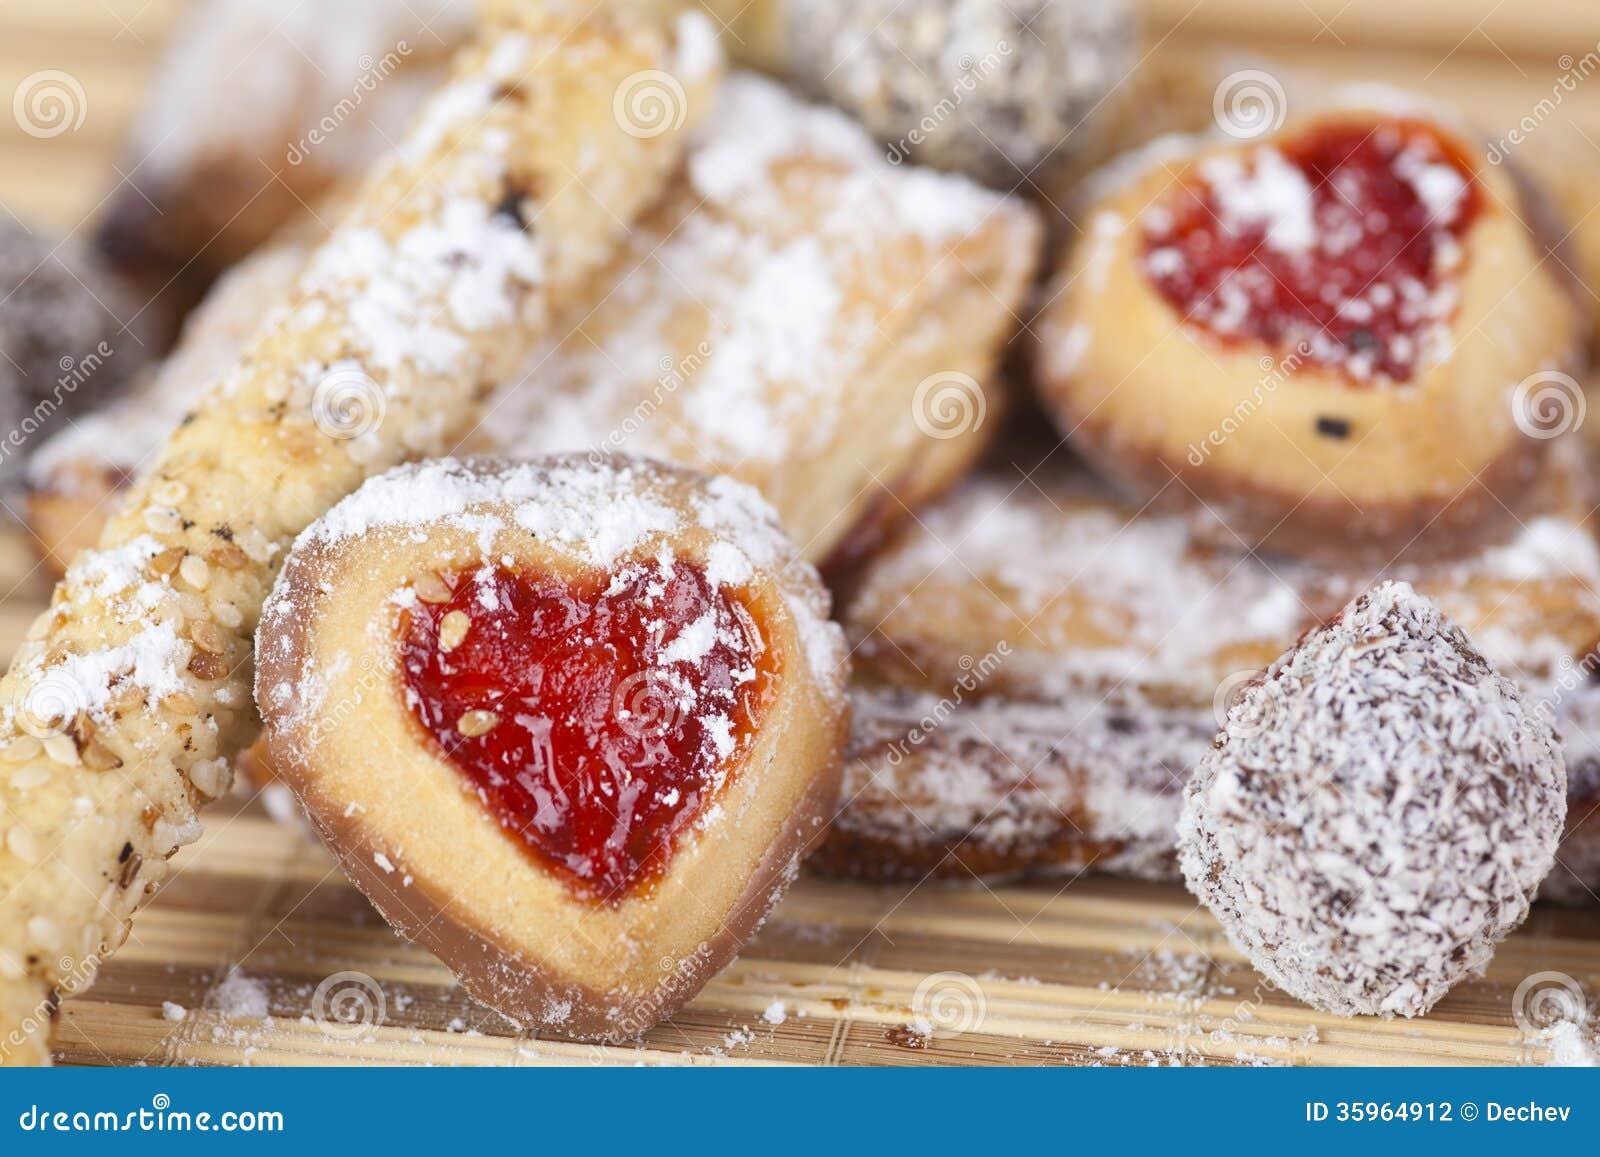 Galletas hechas en casa, dulces